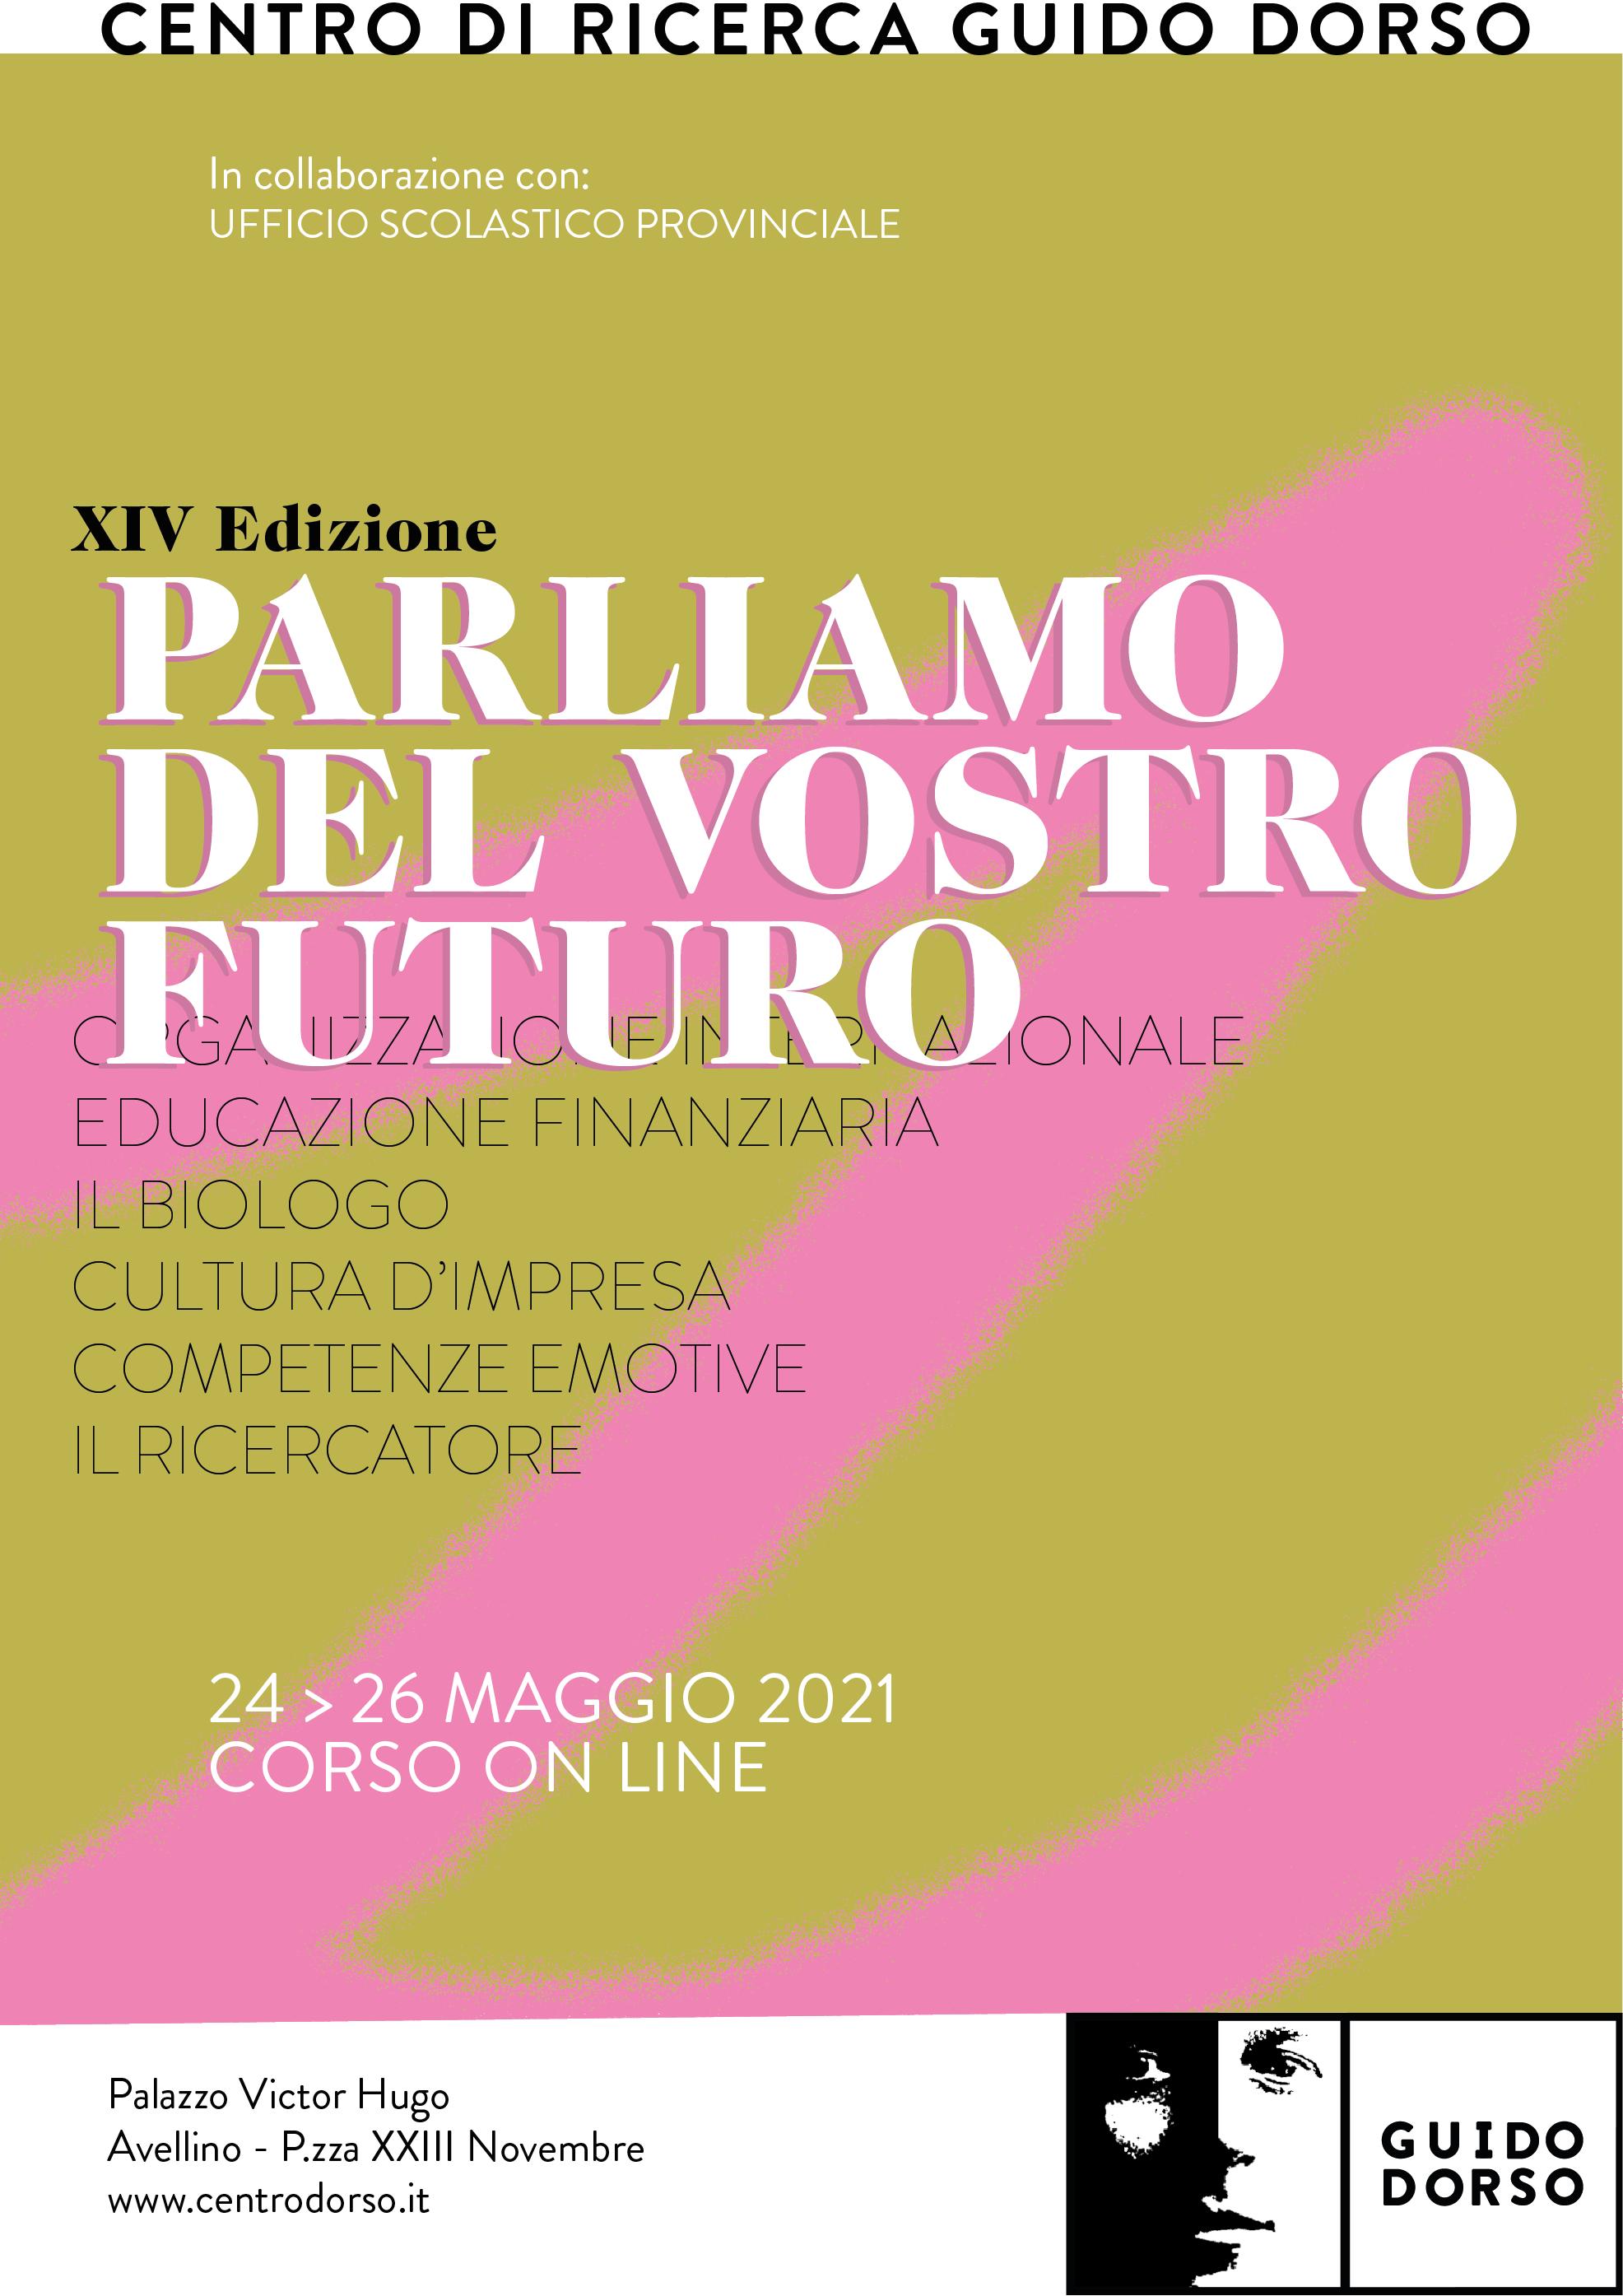 Parliamo del vostro futuro 2021 @ Alta Irpinia